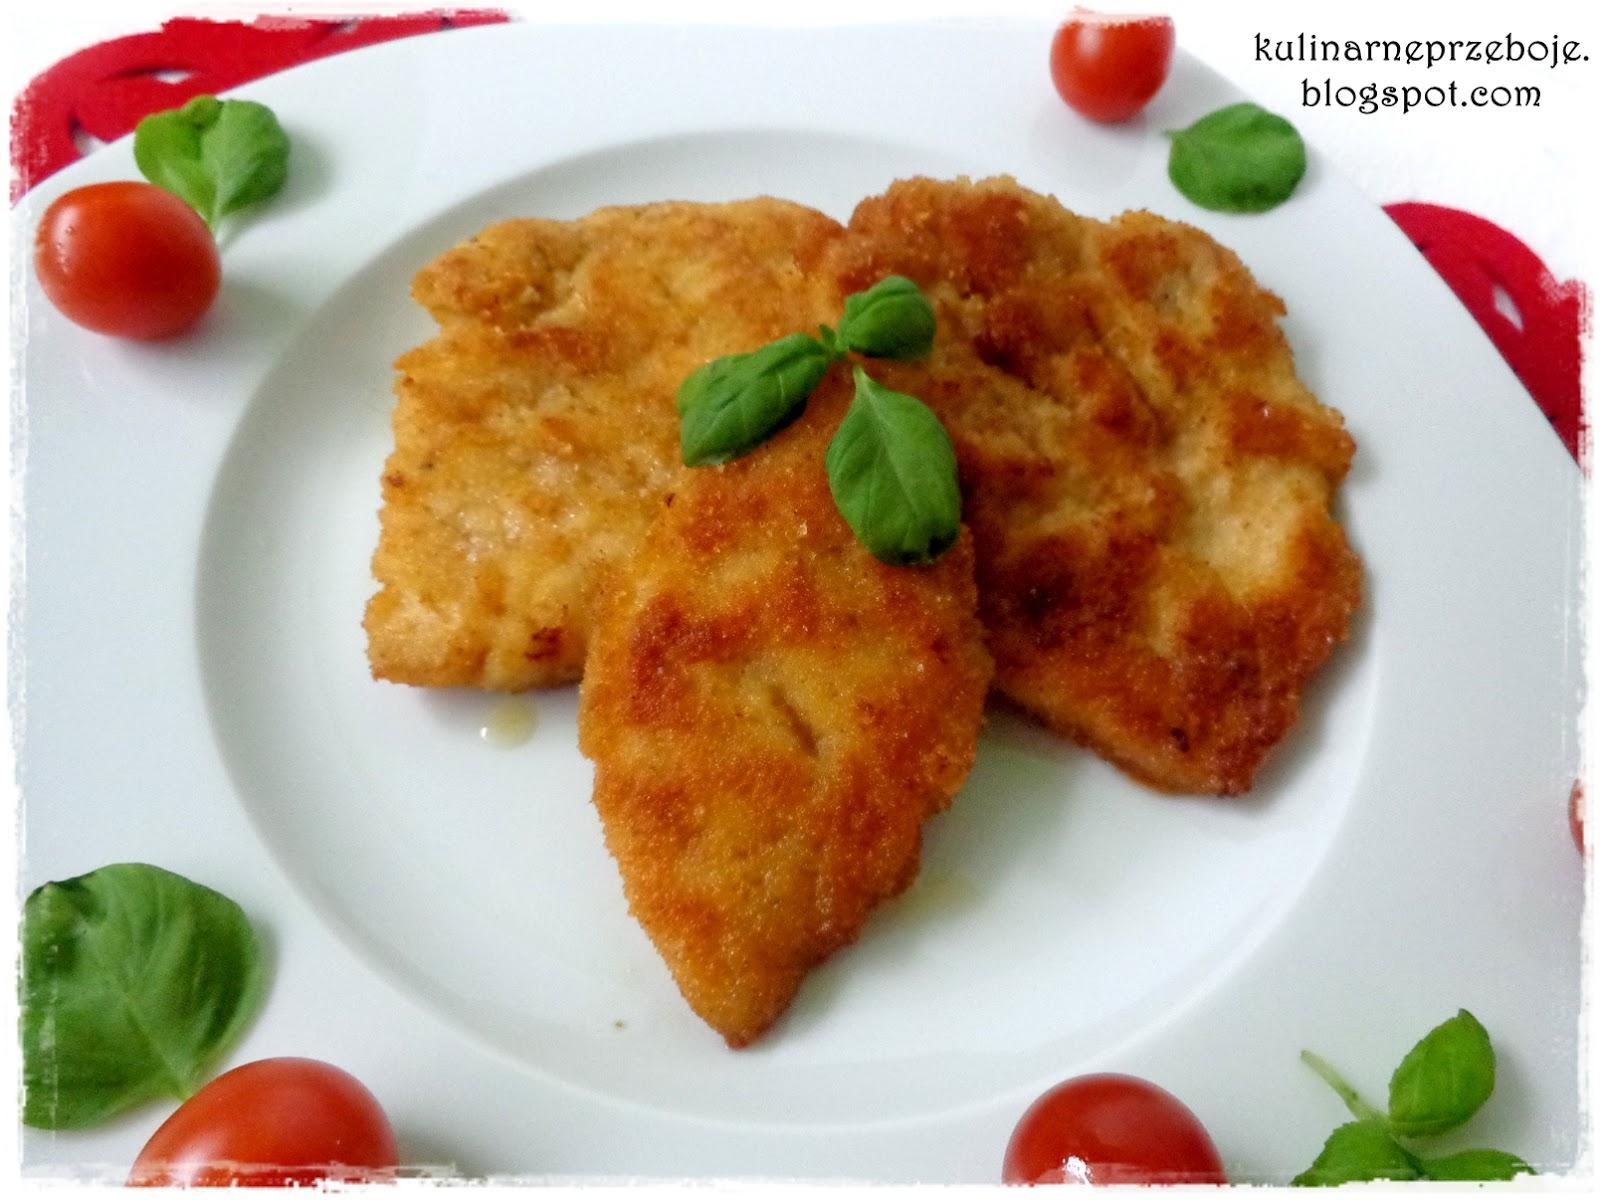 Kotlety z piersi kurczaka (kotlety drobiowe)